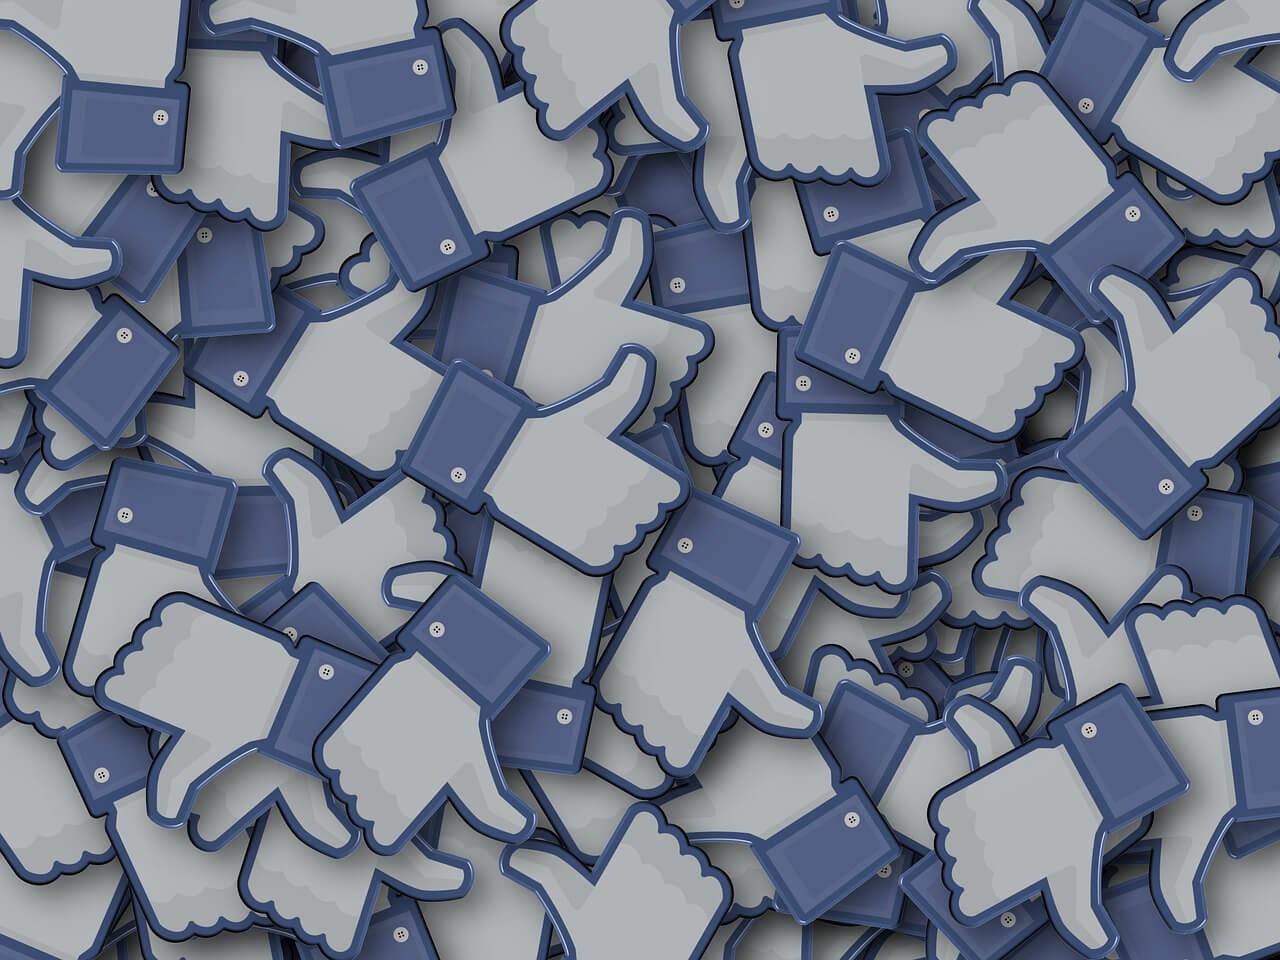 Negatywne opinie na Facebooku – jak się ich pozbyć?